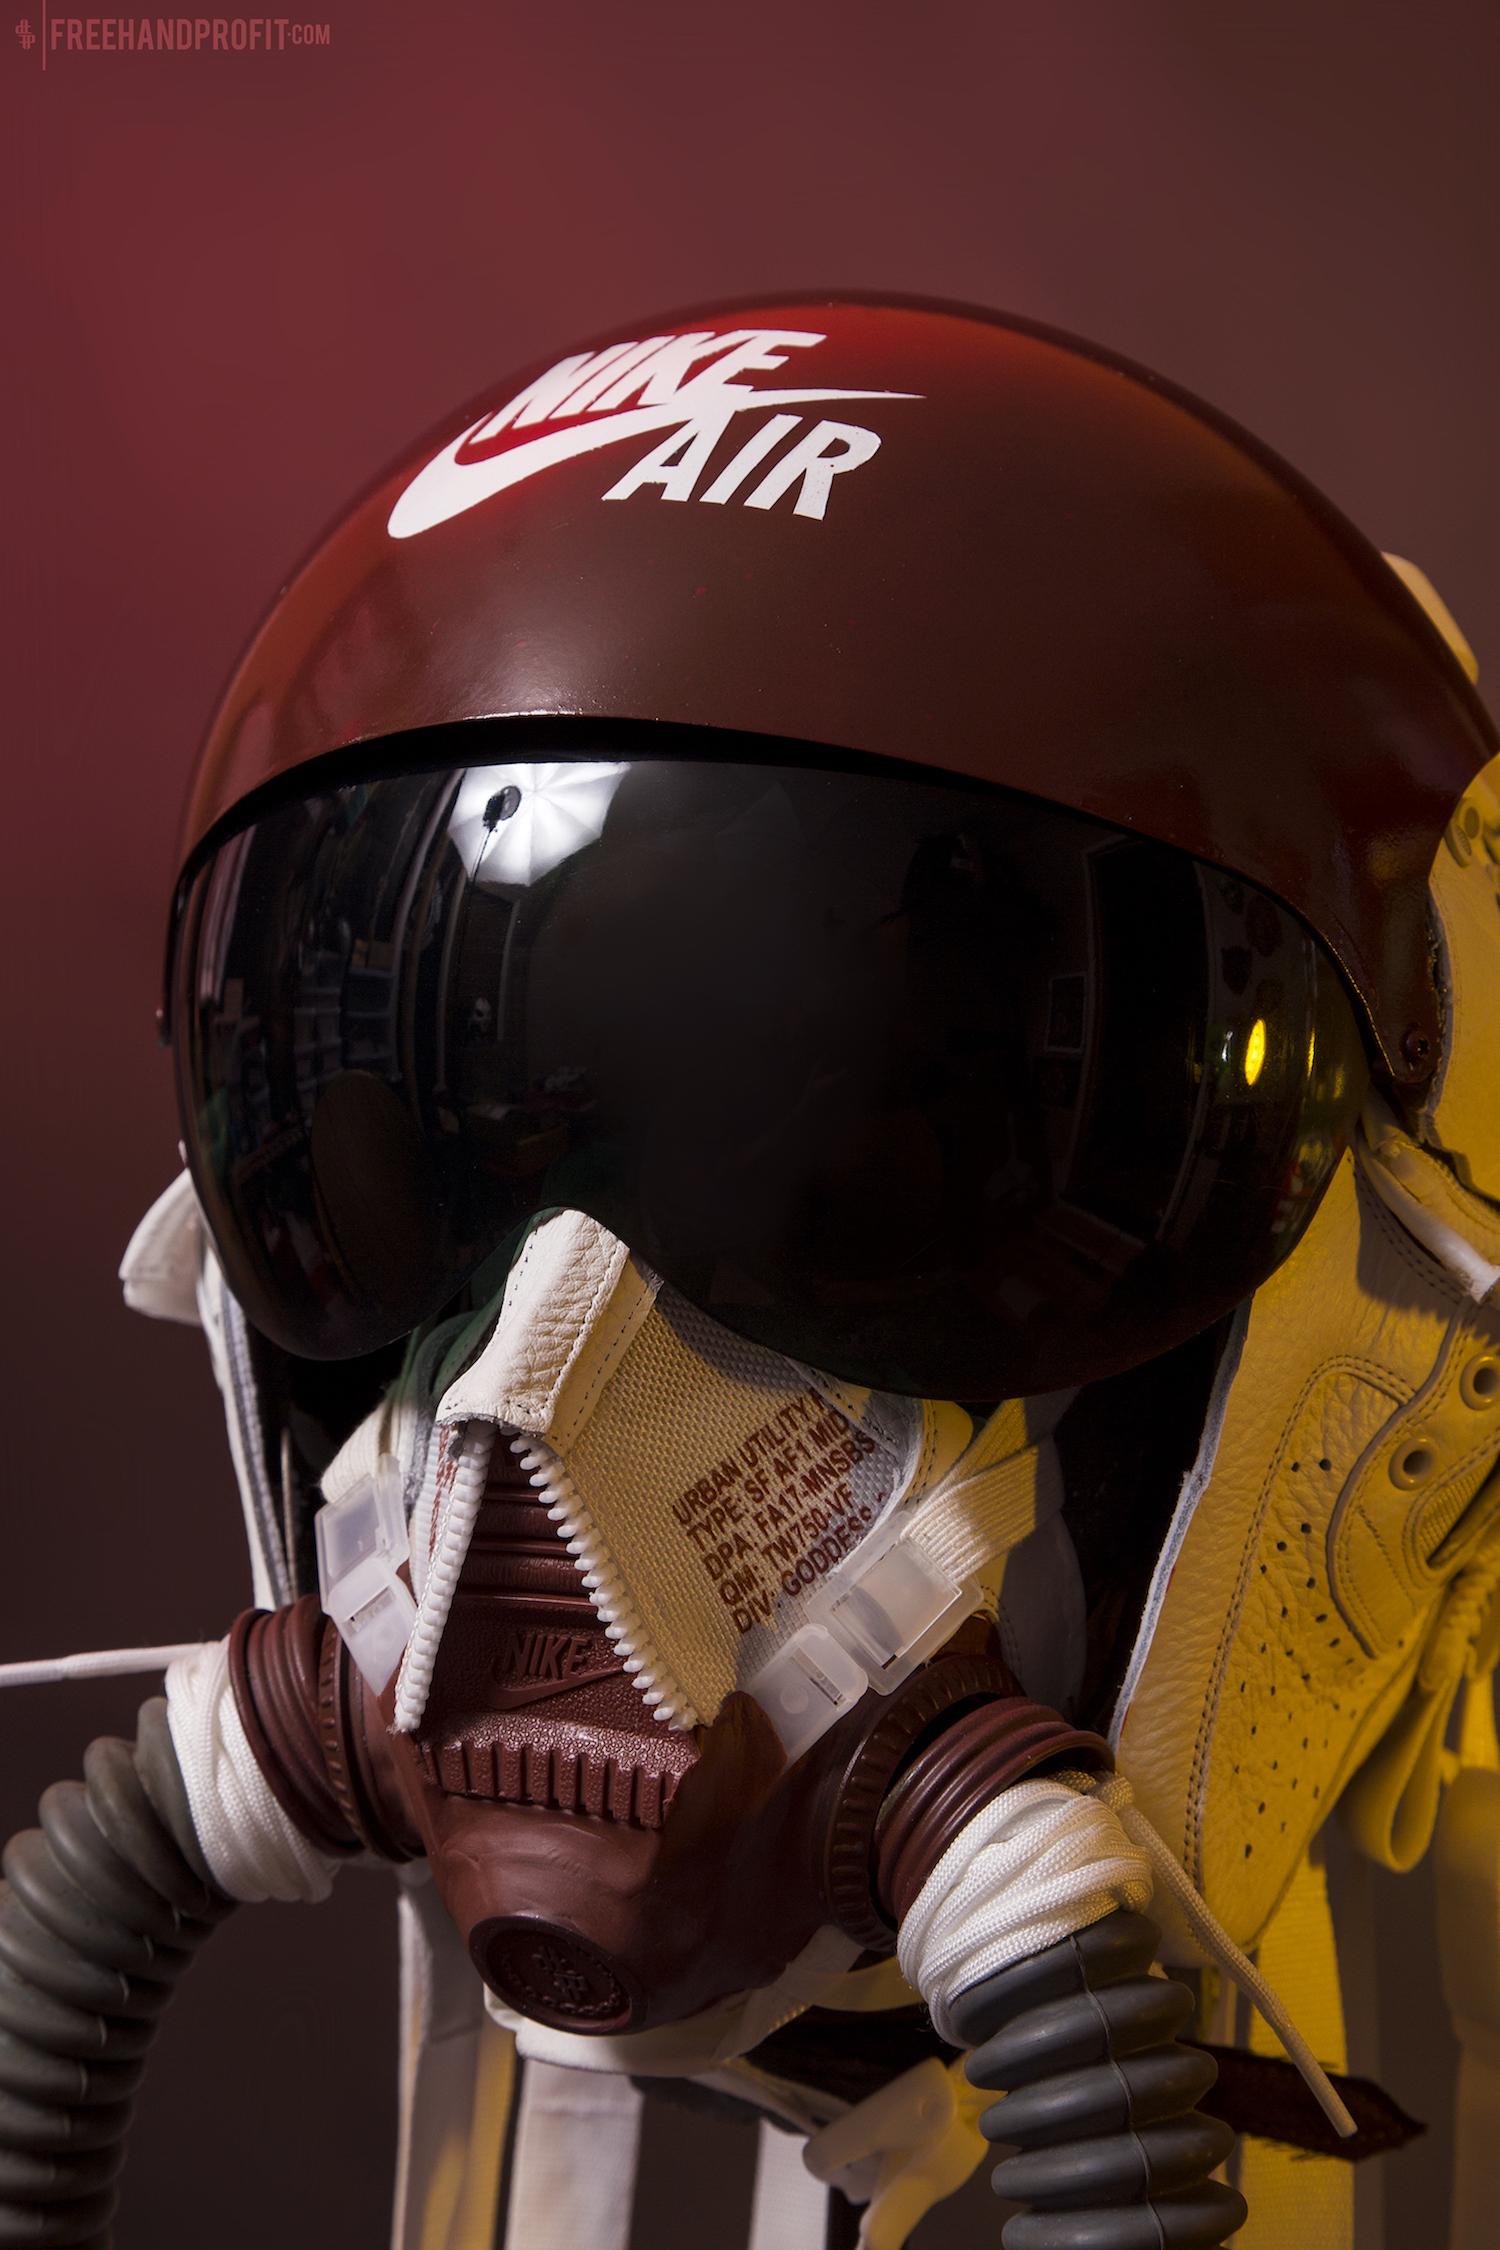 freehand profit SF-AF1 mid sneaker masks 11